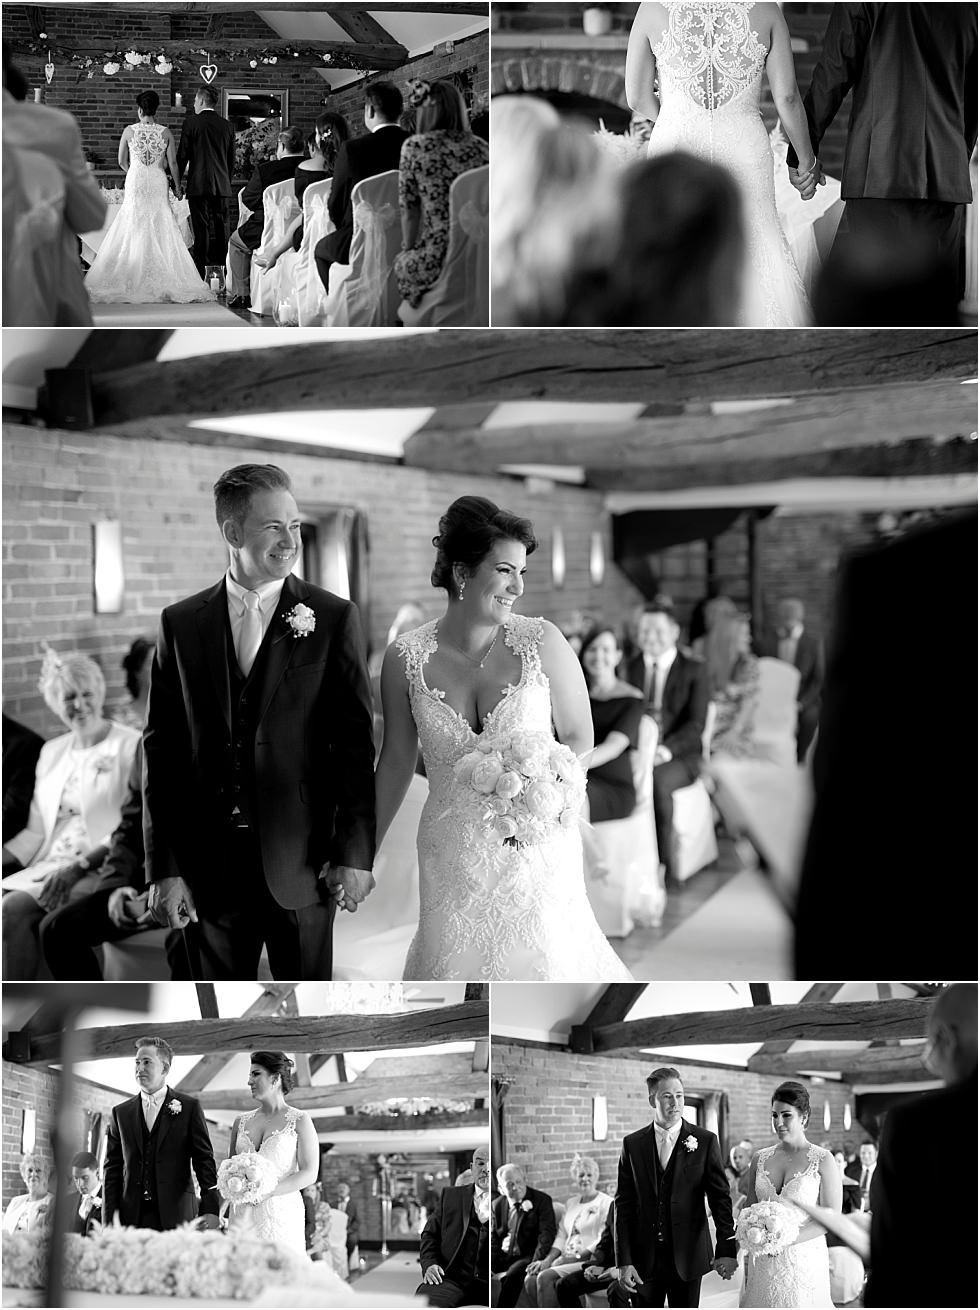 Wedding at Swancar Farm 005